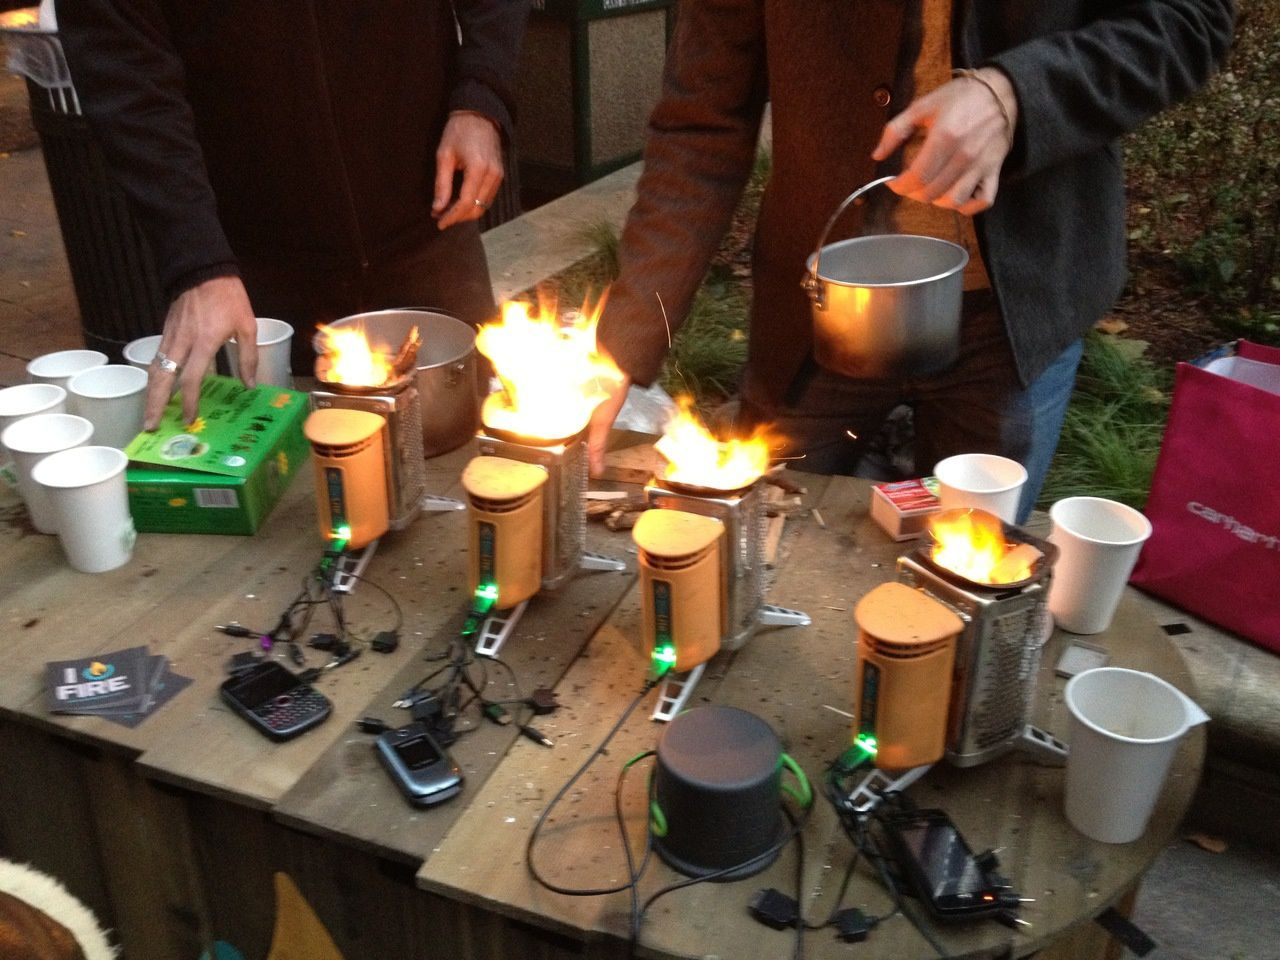 Mini générateurs électriques (alimentés par feu+eau bouillantes) pour recharger les portables (coupure de courant NY).